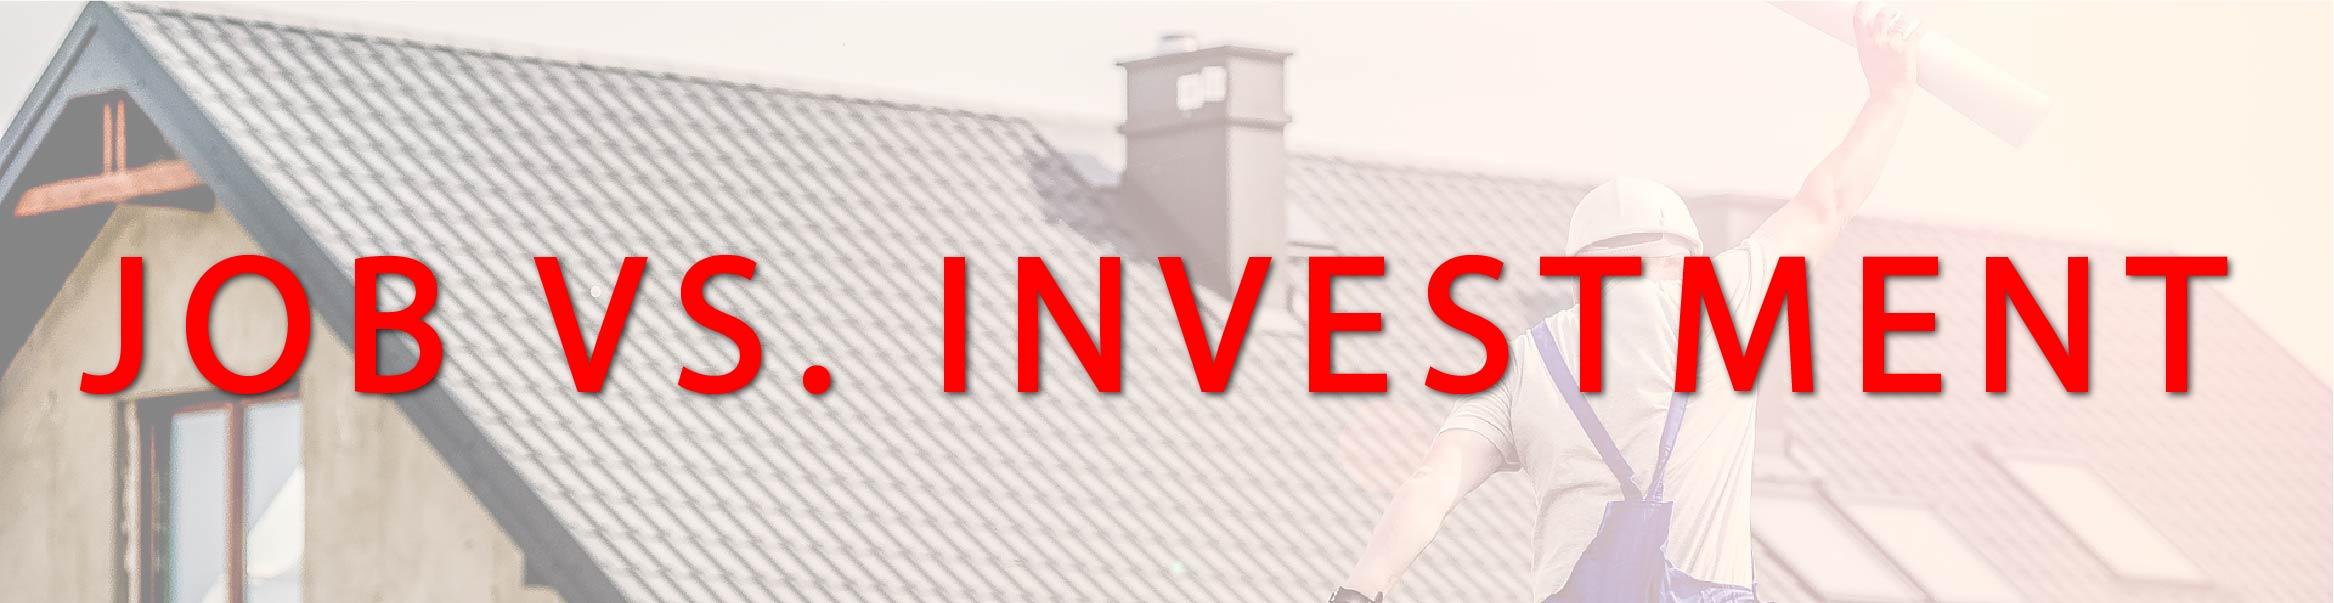 JOB VS. INVESTMENT